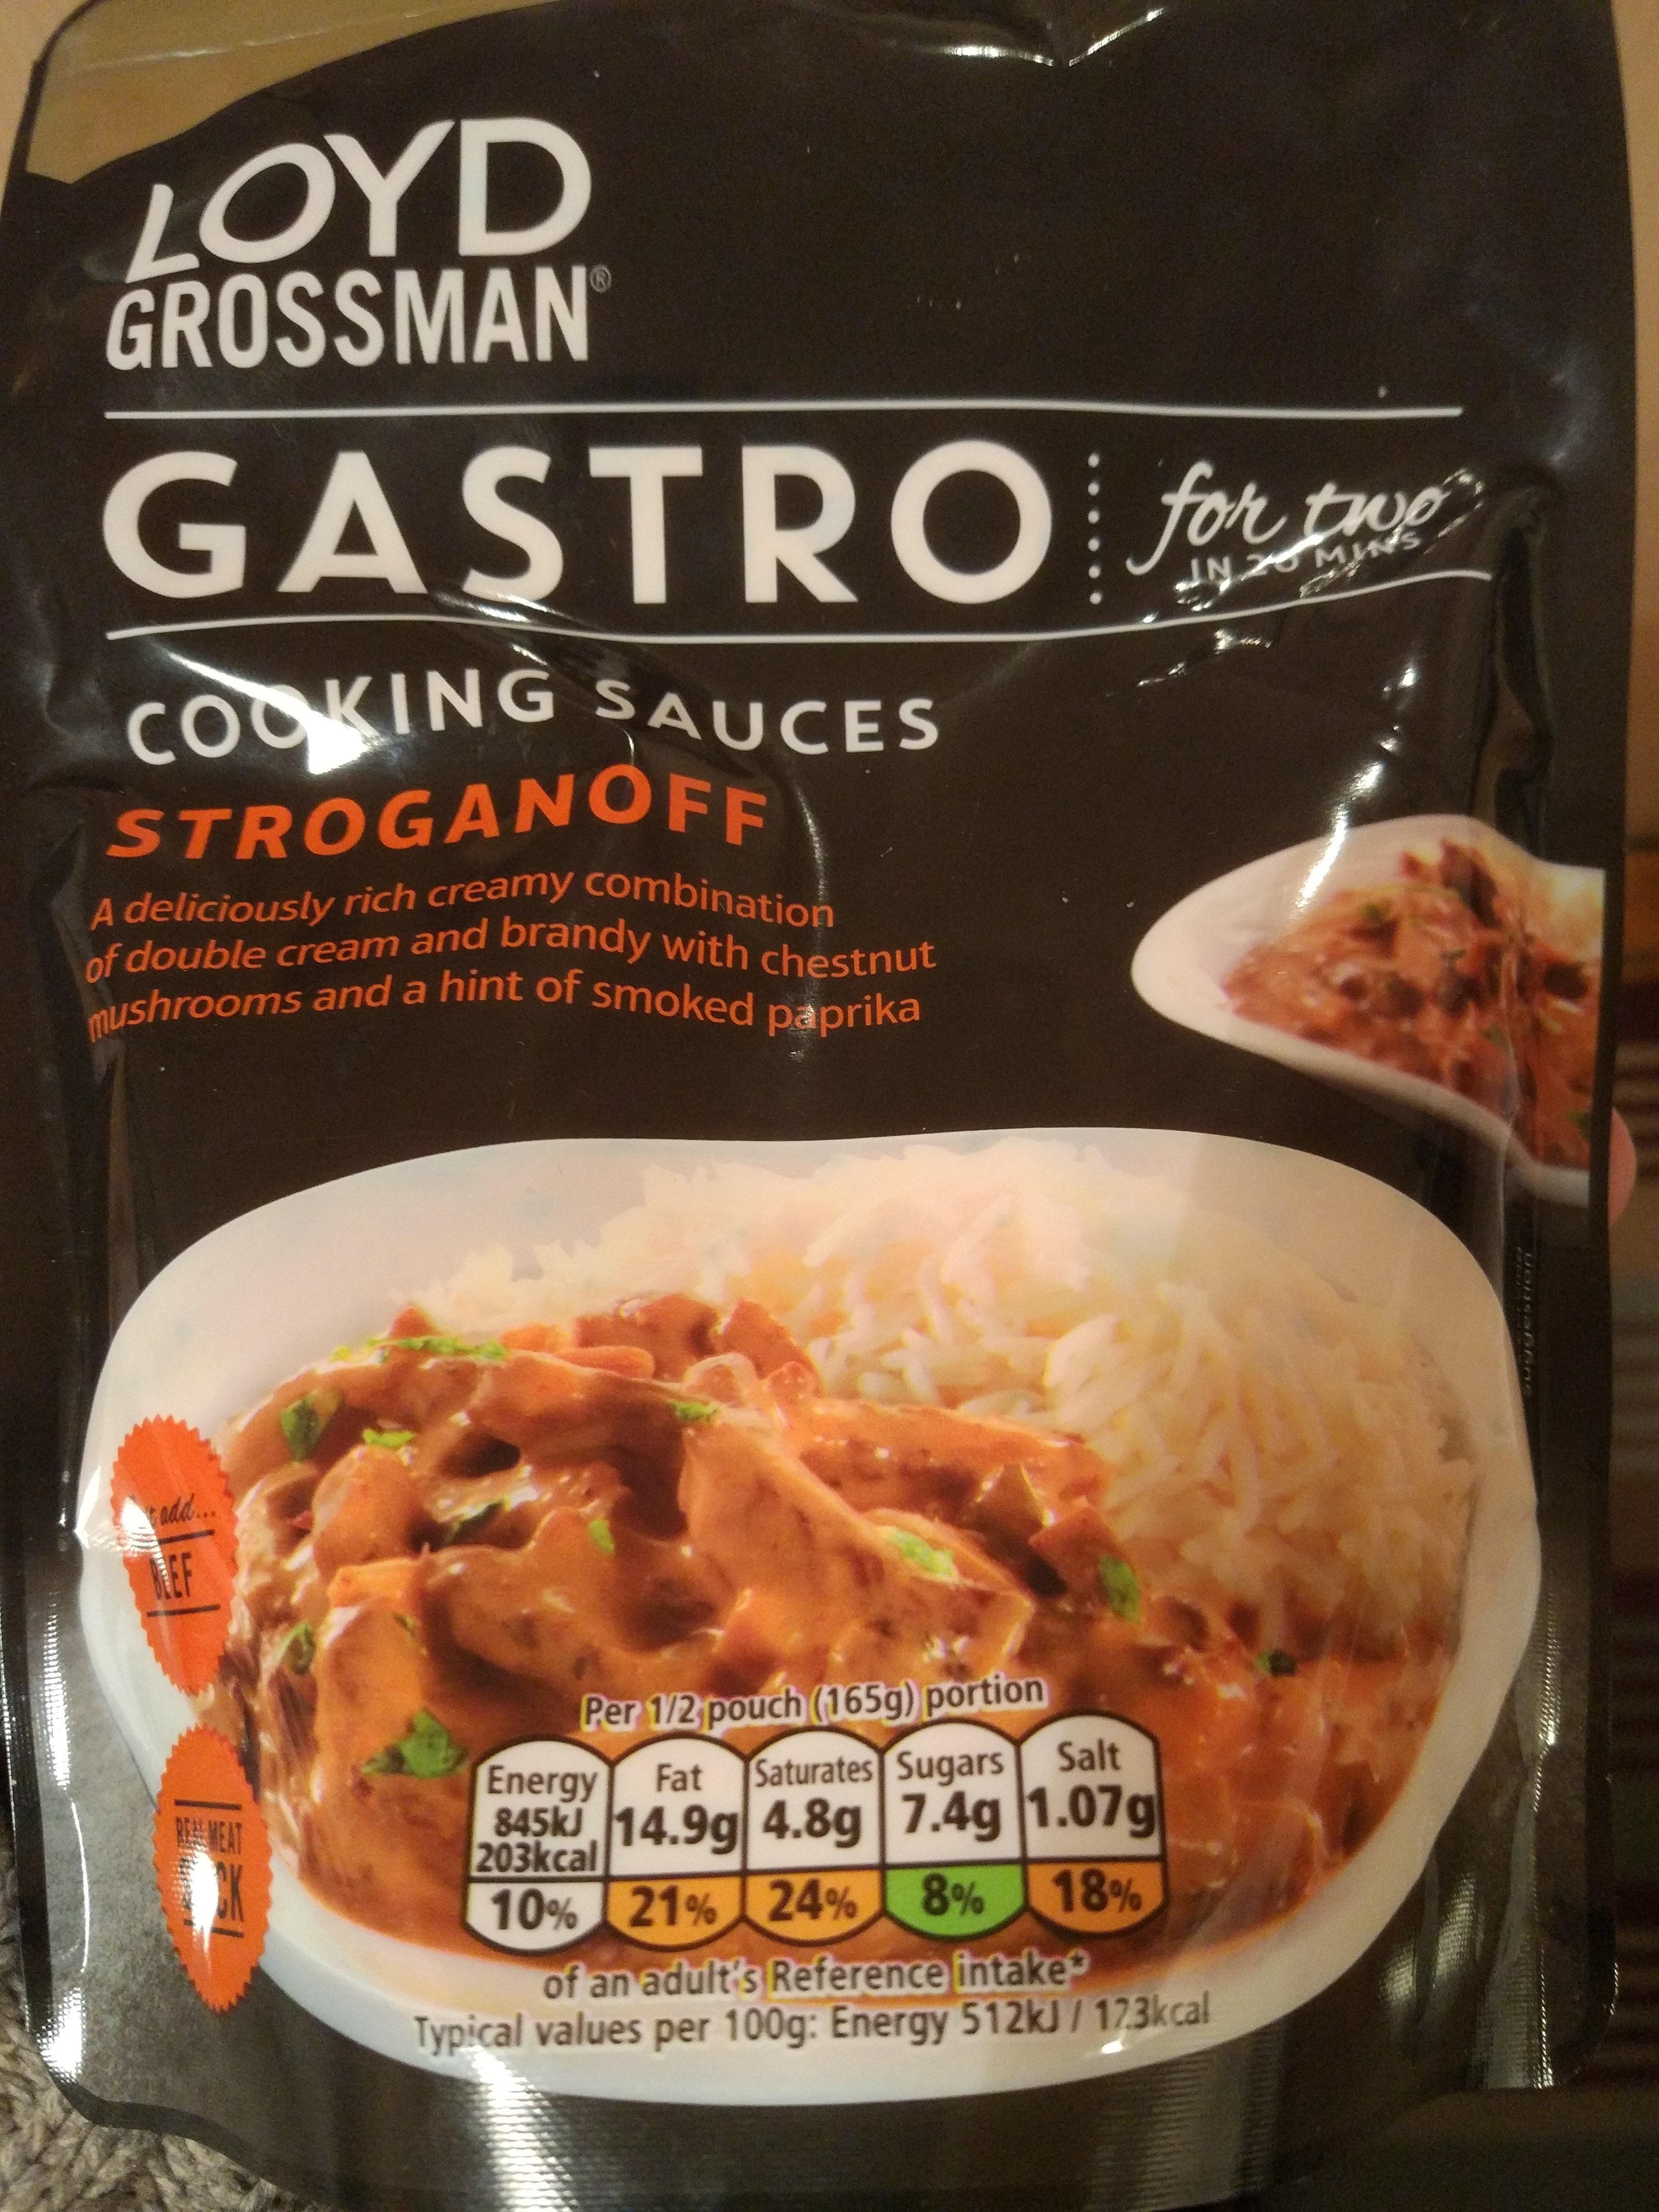 cooking sauce stroganoff - Product - en